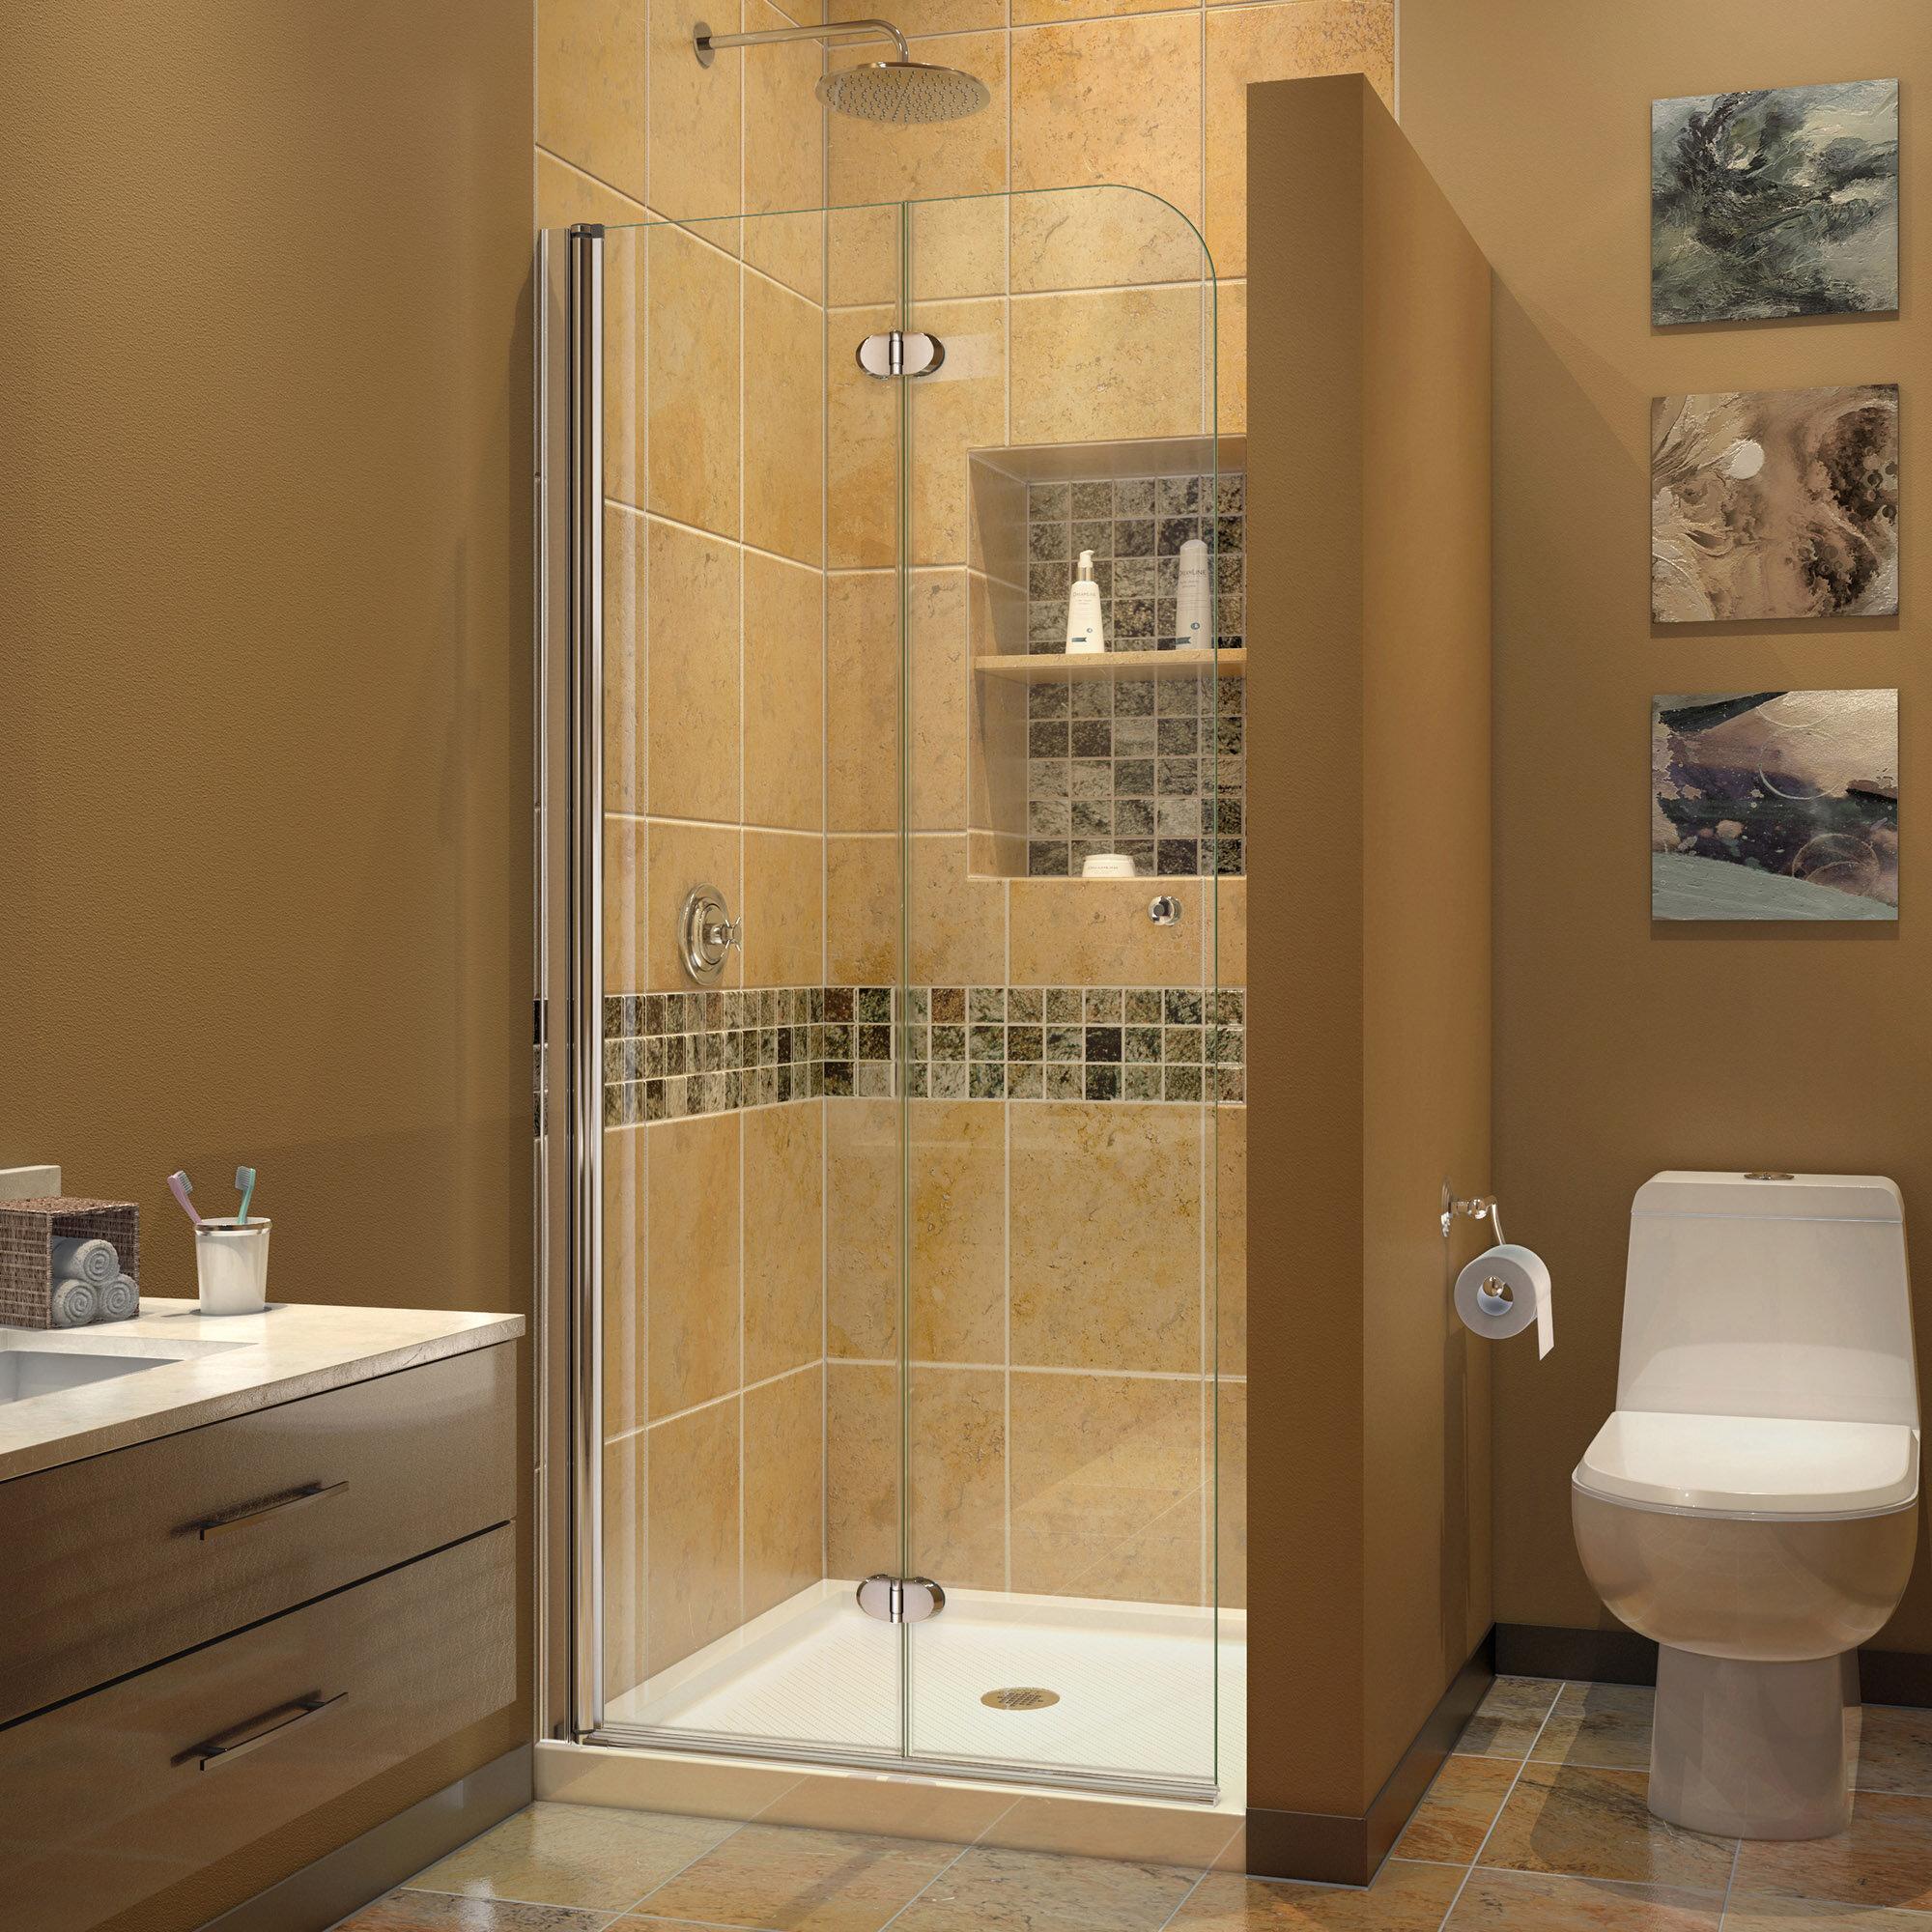 Dreamline Aqua Fold 33 5 W X 72 H Pivot Semi Frameless Shower Door Reviews Wayfair